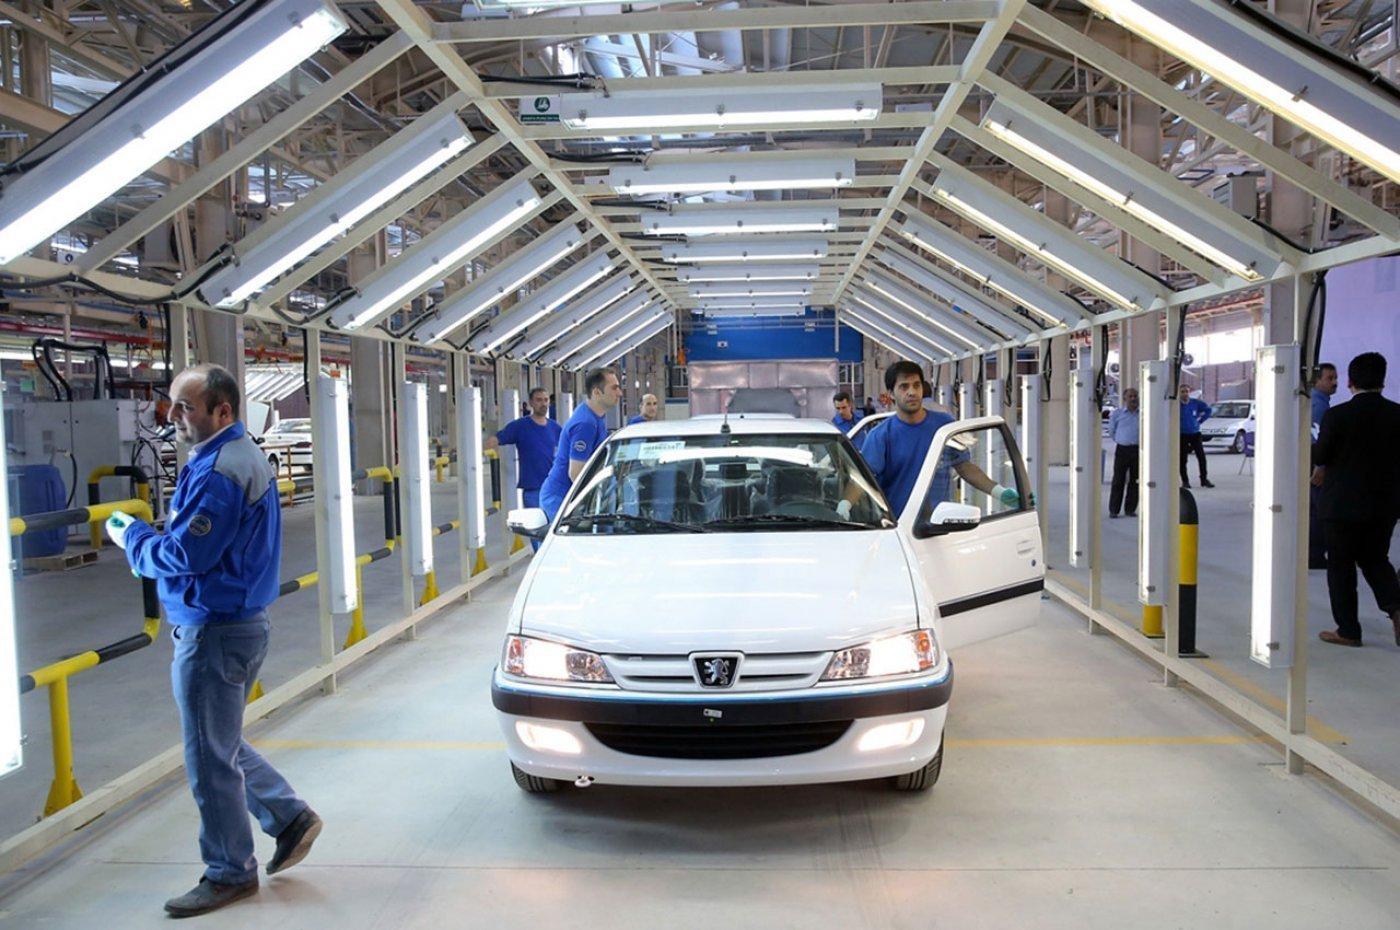 جهش قیمت در بازار خودرو علی رغم تعطیلی بازارهای رسمی